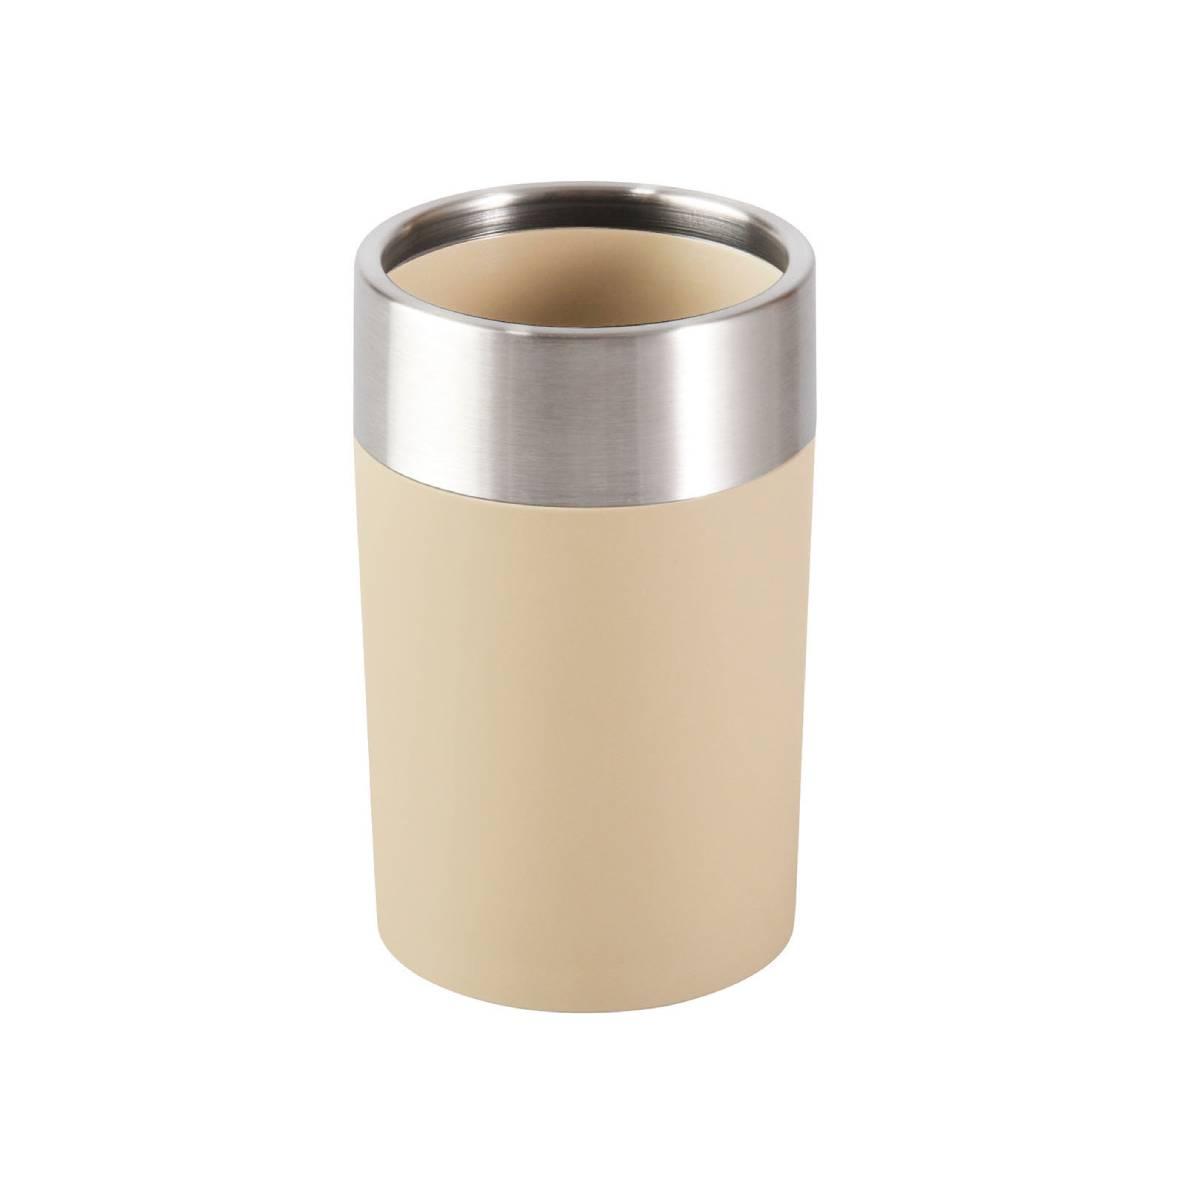 Vaso Acero Inox Y Pvc Caramelo BA-443735 Namaro Design